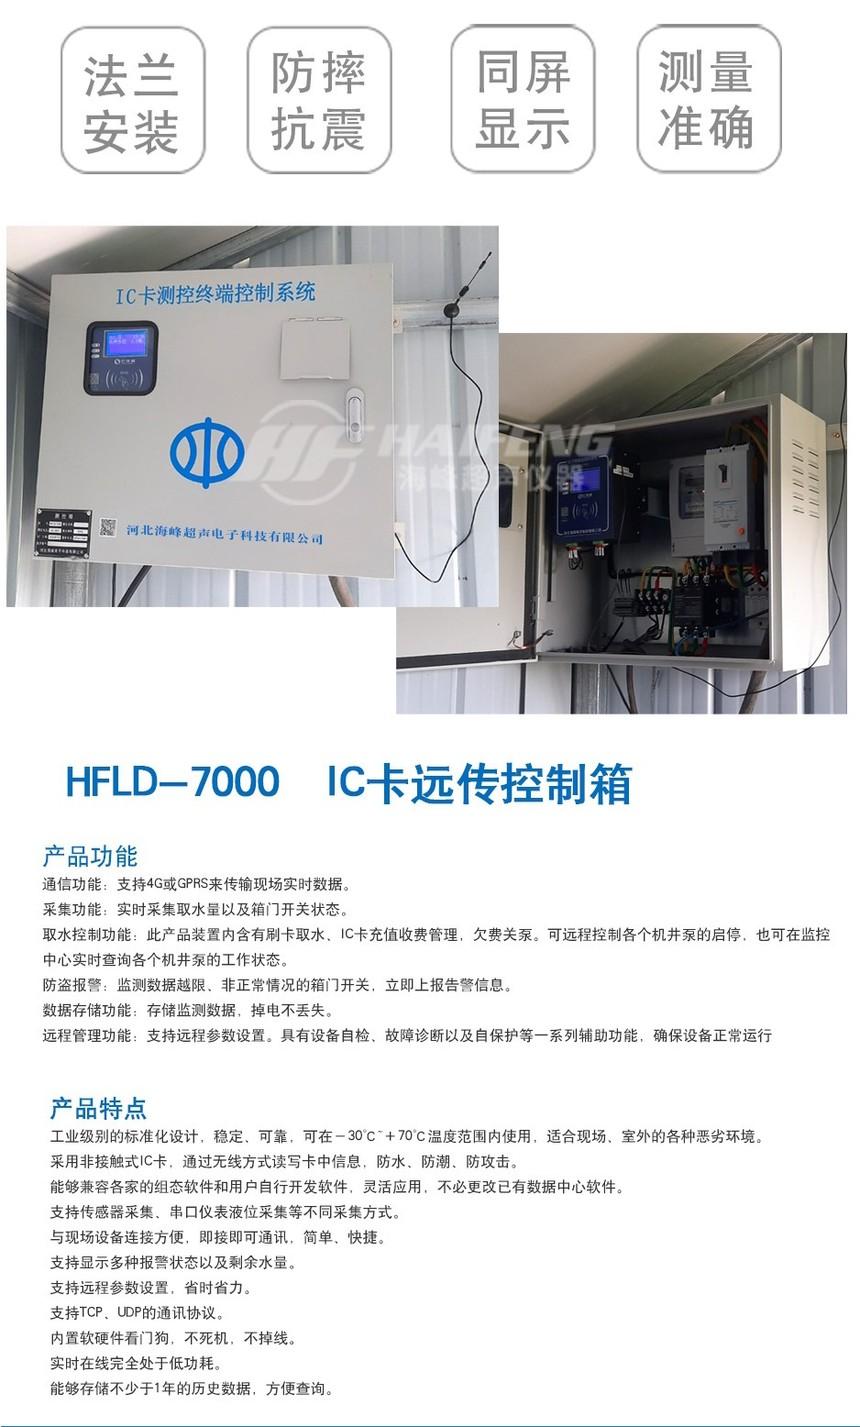 电表机井控制柜